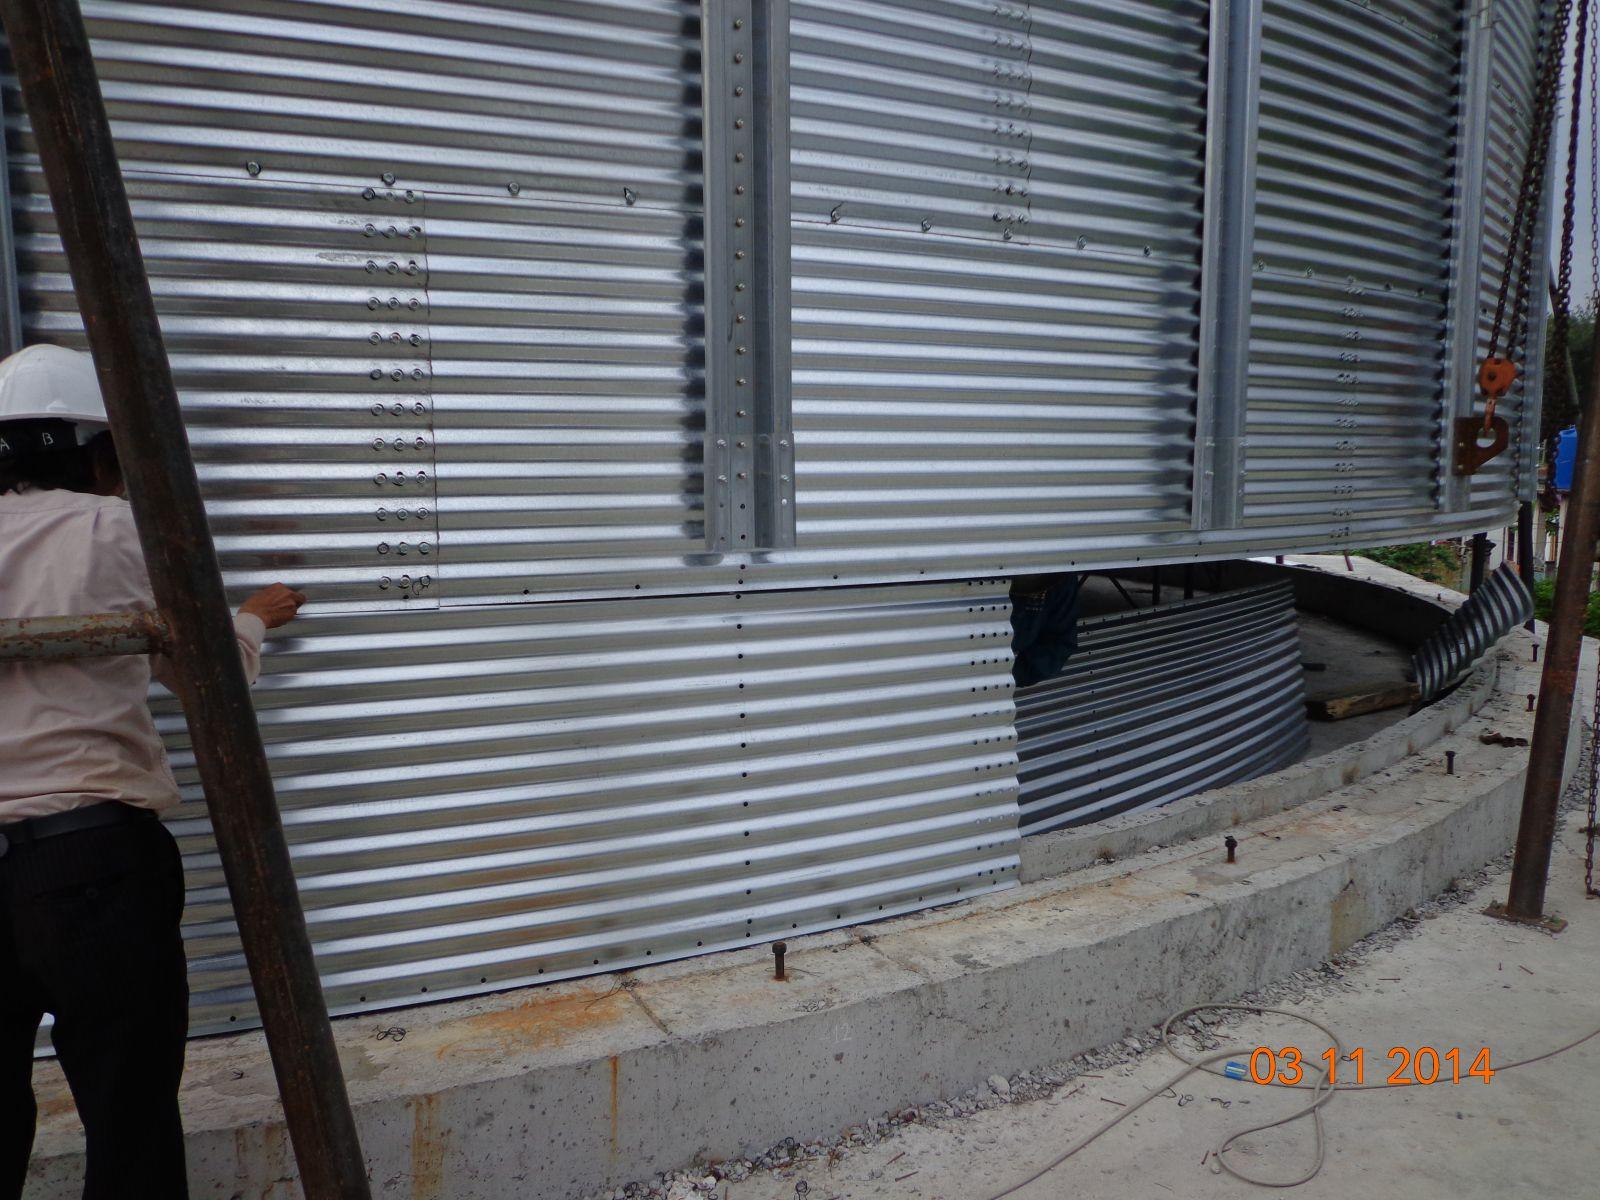 Lắp đặt silo chứa lúa, ngô - Nhà máy bột mì cty Inter Flour